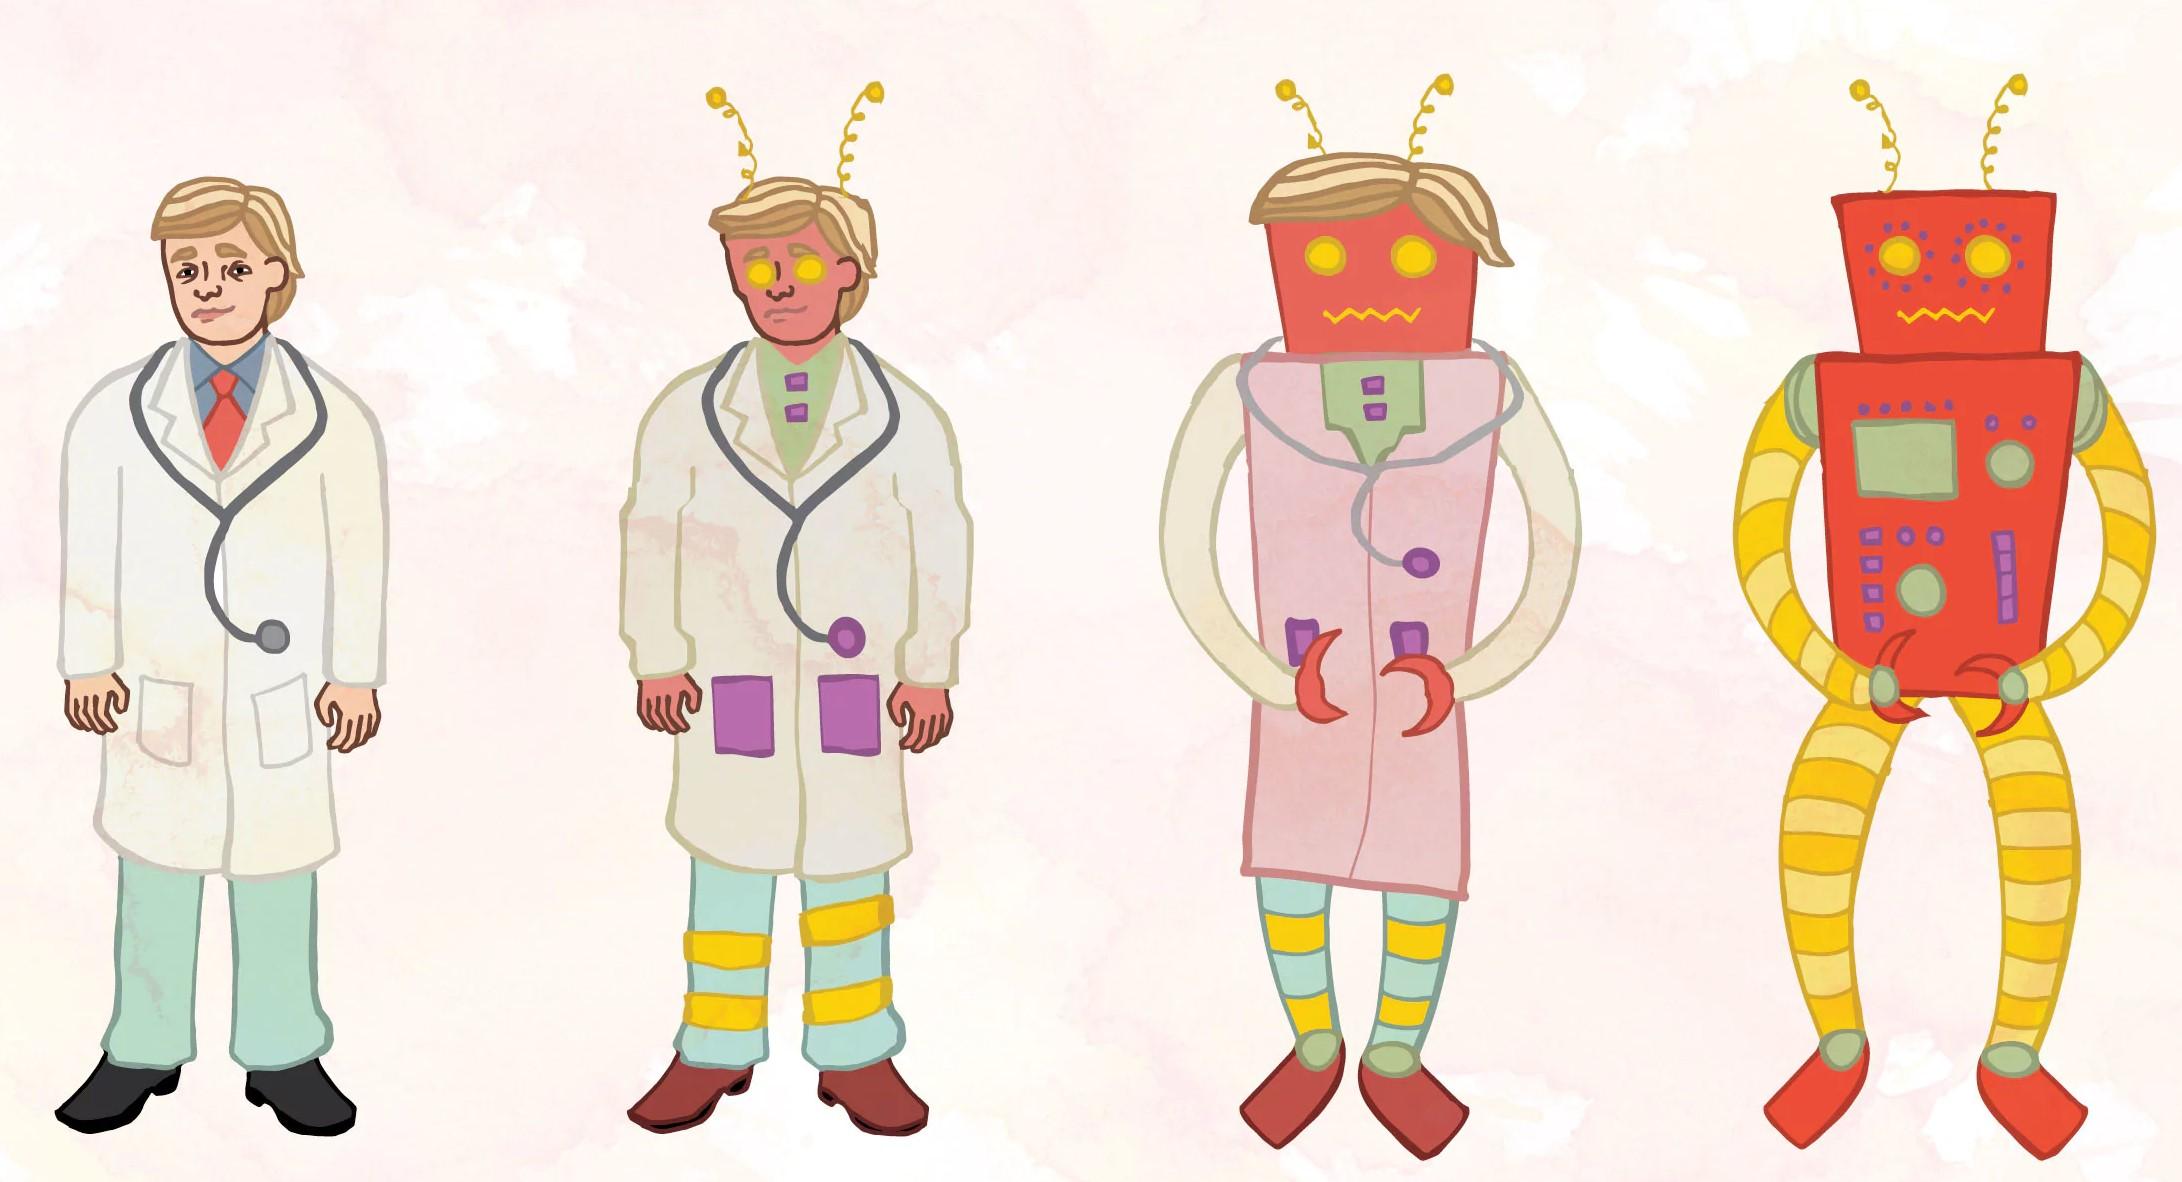 Et si votre médecin était un robot ?